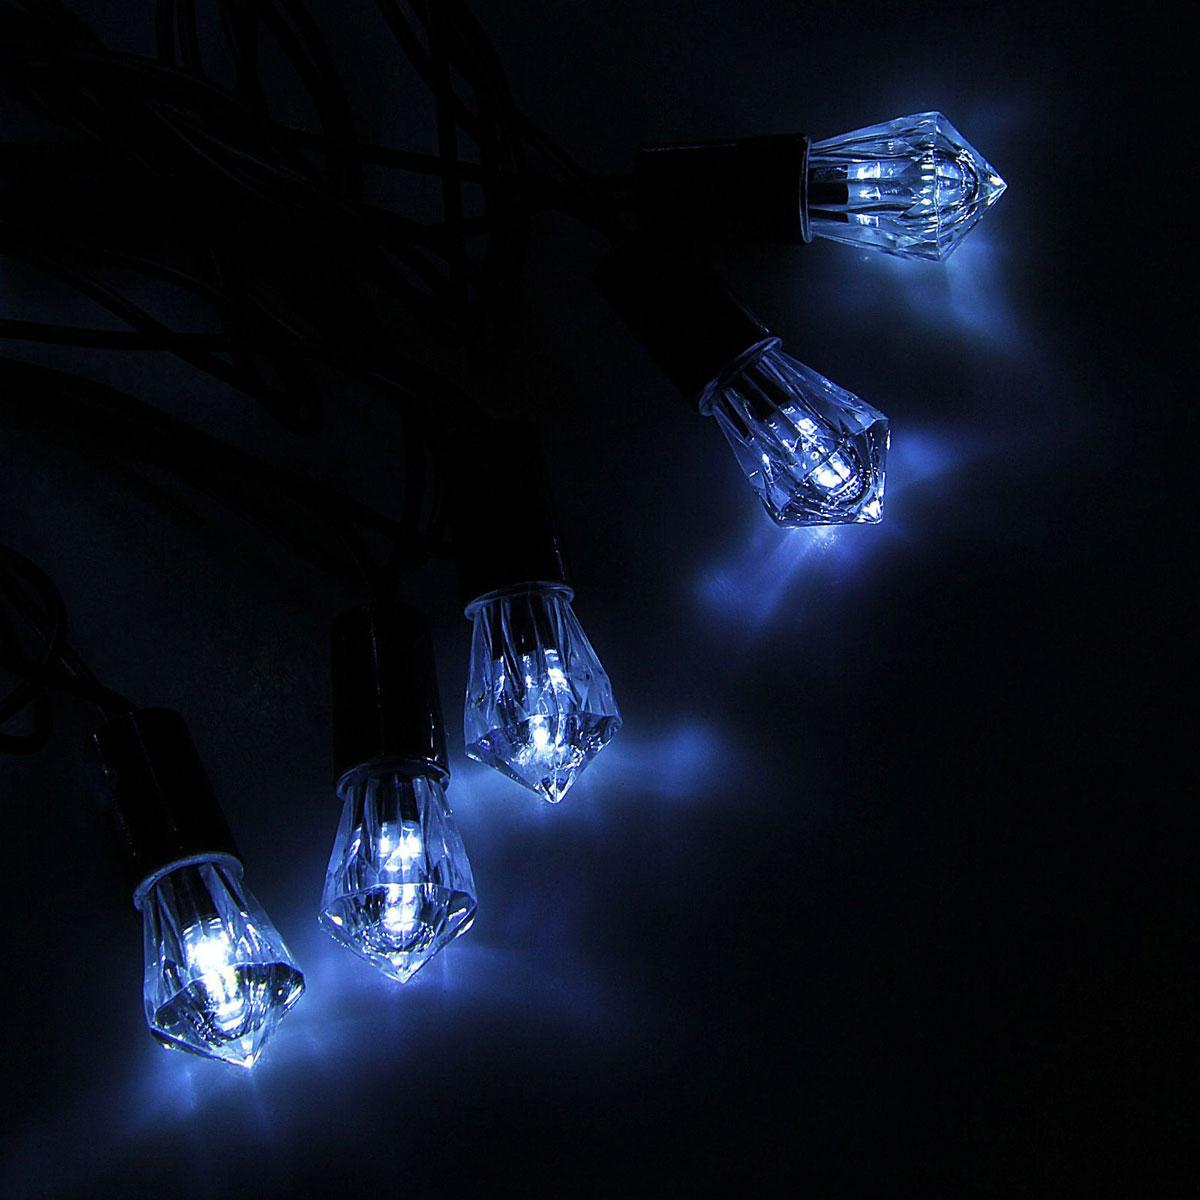 Гирлянда светодиодная Luazon Метраж. Хрусталь, уличная с насадкой, фиксинг, 40 ламп, 220 V, 5 м, цвет: белый. 10800631080063Светодиодные гирлянды, ленты и т.д. — это отличный вариант для новогоднего оформления интерьера или фасада. С их помощью помещение любого размера можно превратить в праздничный зал, а внешние элементы зданий, украшенные ими, мгновенно станут напоминать очертания сказочного дворца. Такие украшения создают ауру предвкушения чуда. Деревья, фасады, витрины, окна и арки будто специально созданы, чтобы вы украсили их светящимися нитями.